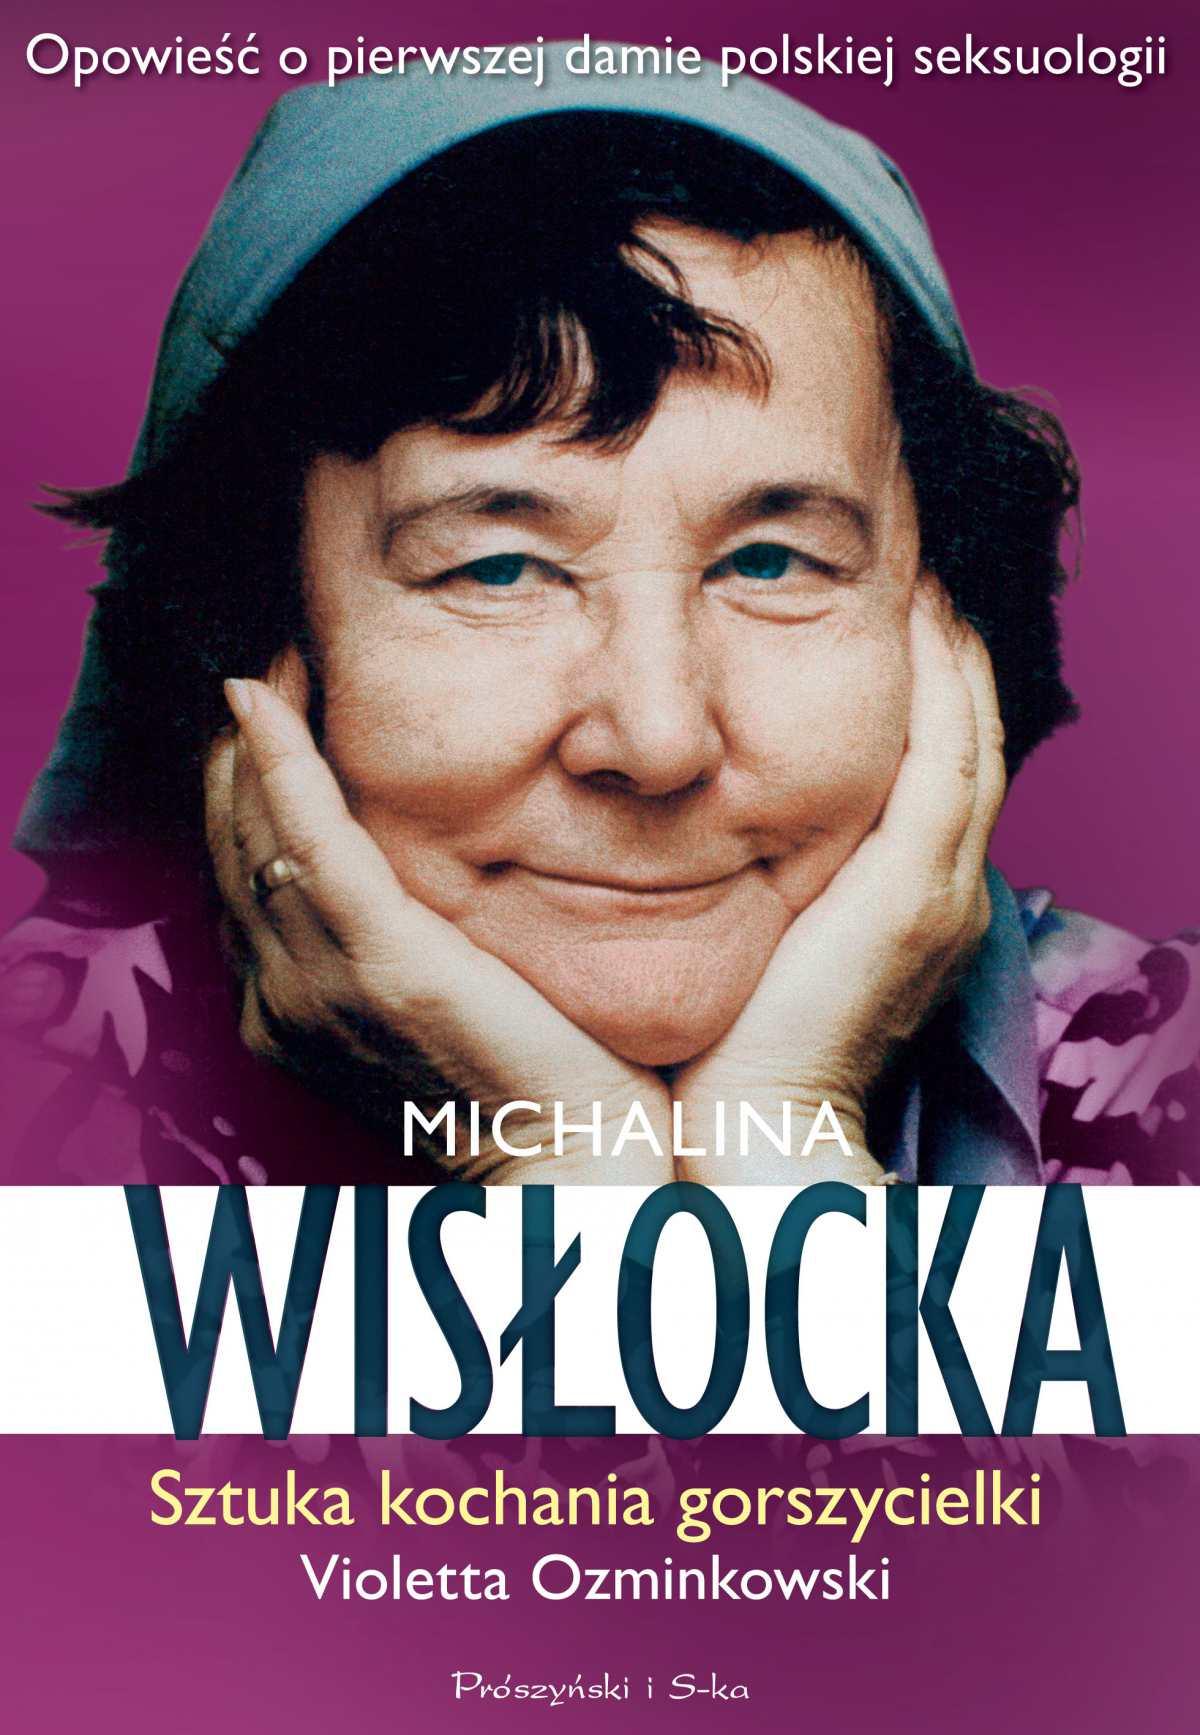 Michalina Wisłocka. Sztuka kochania gorszycielki - Ebook (Książka na Kindle) do pobrania w formacie MOBI